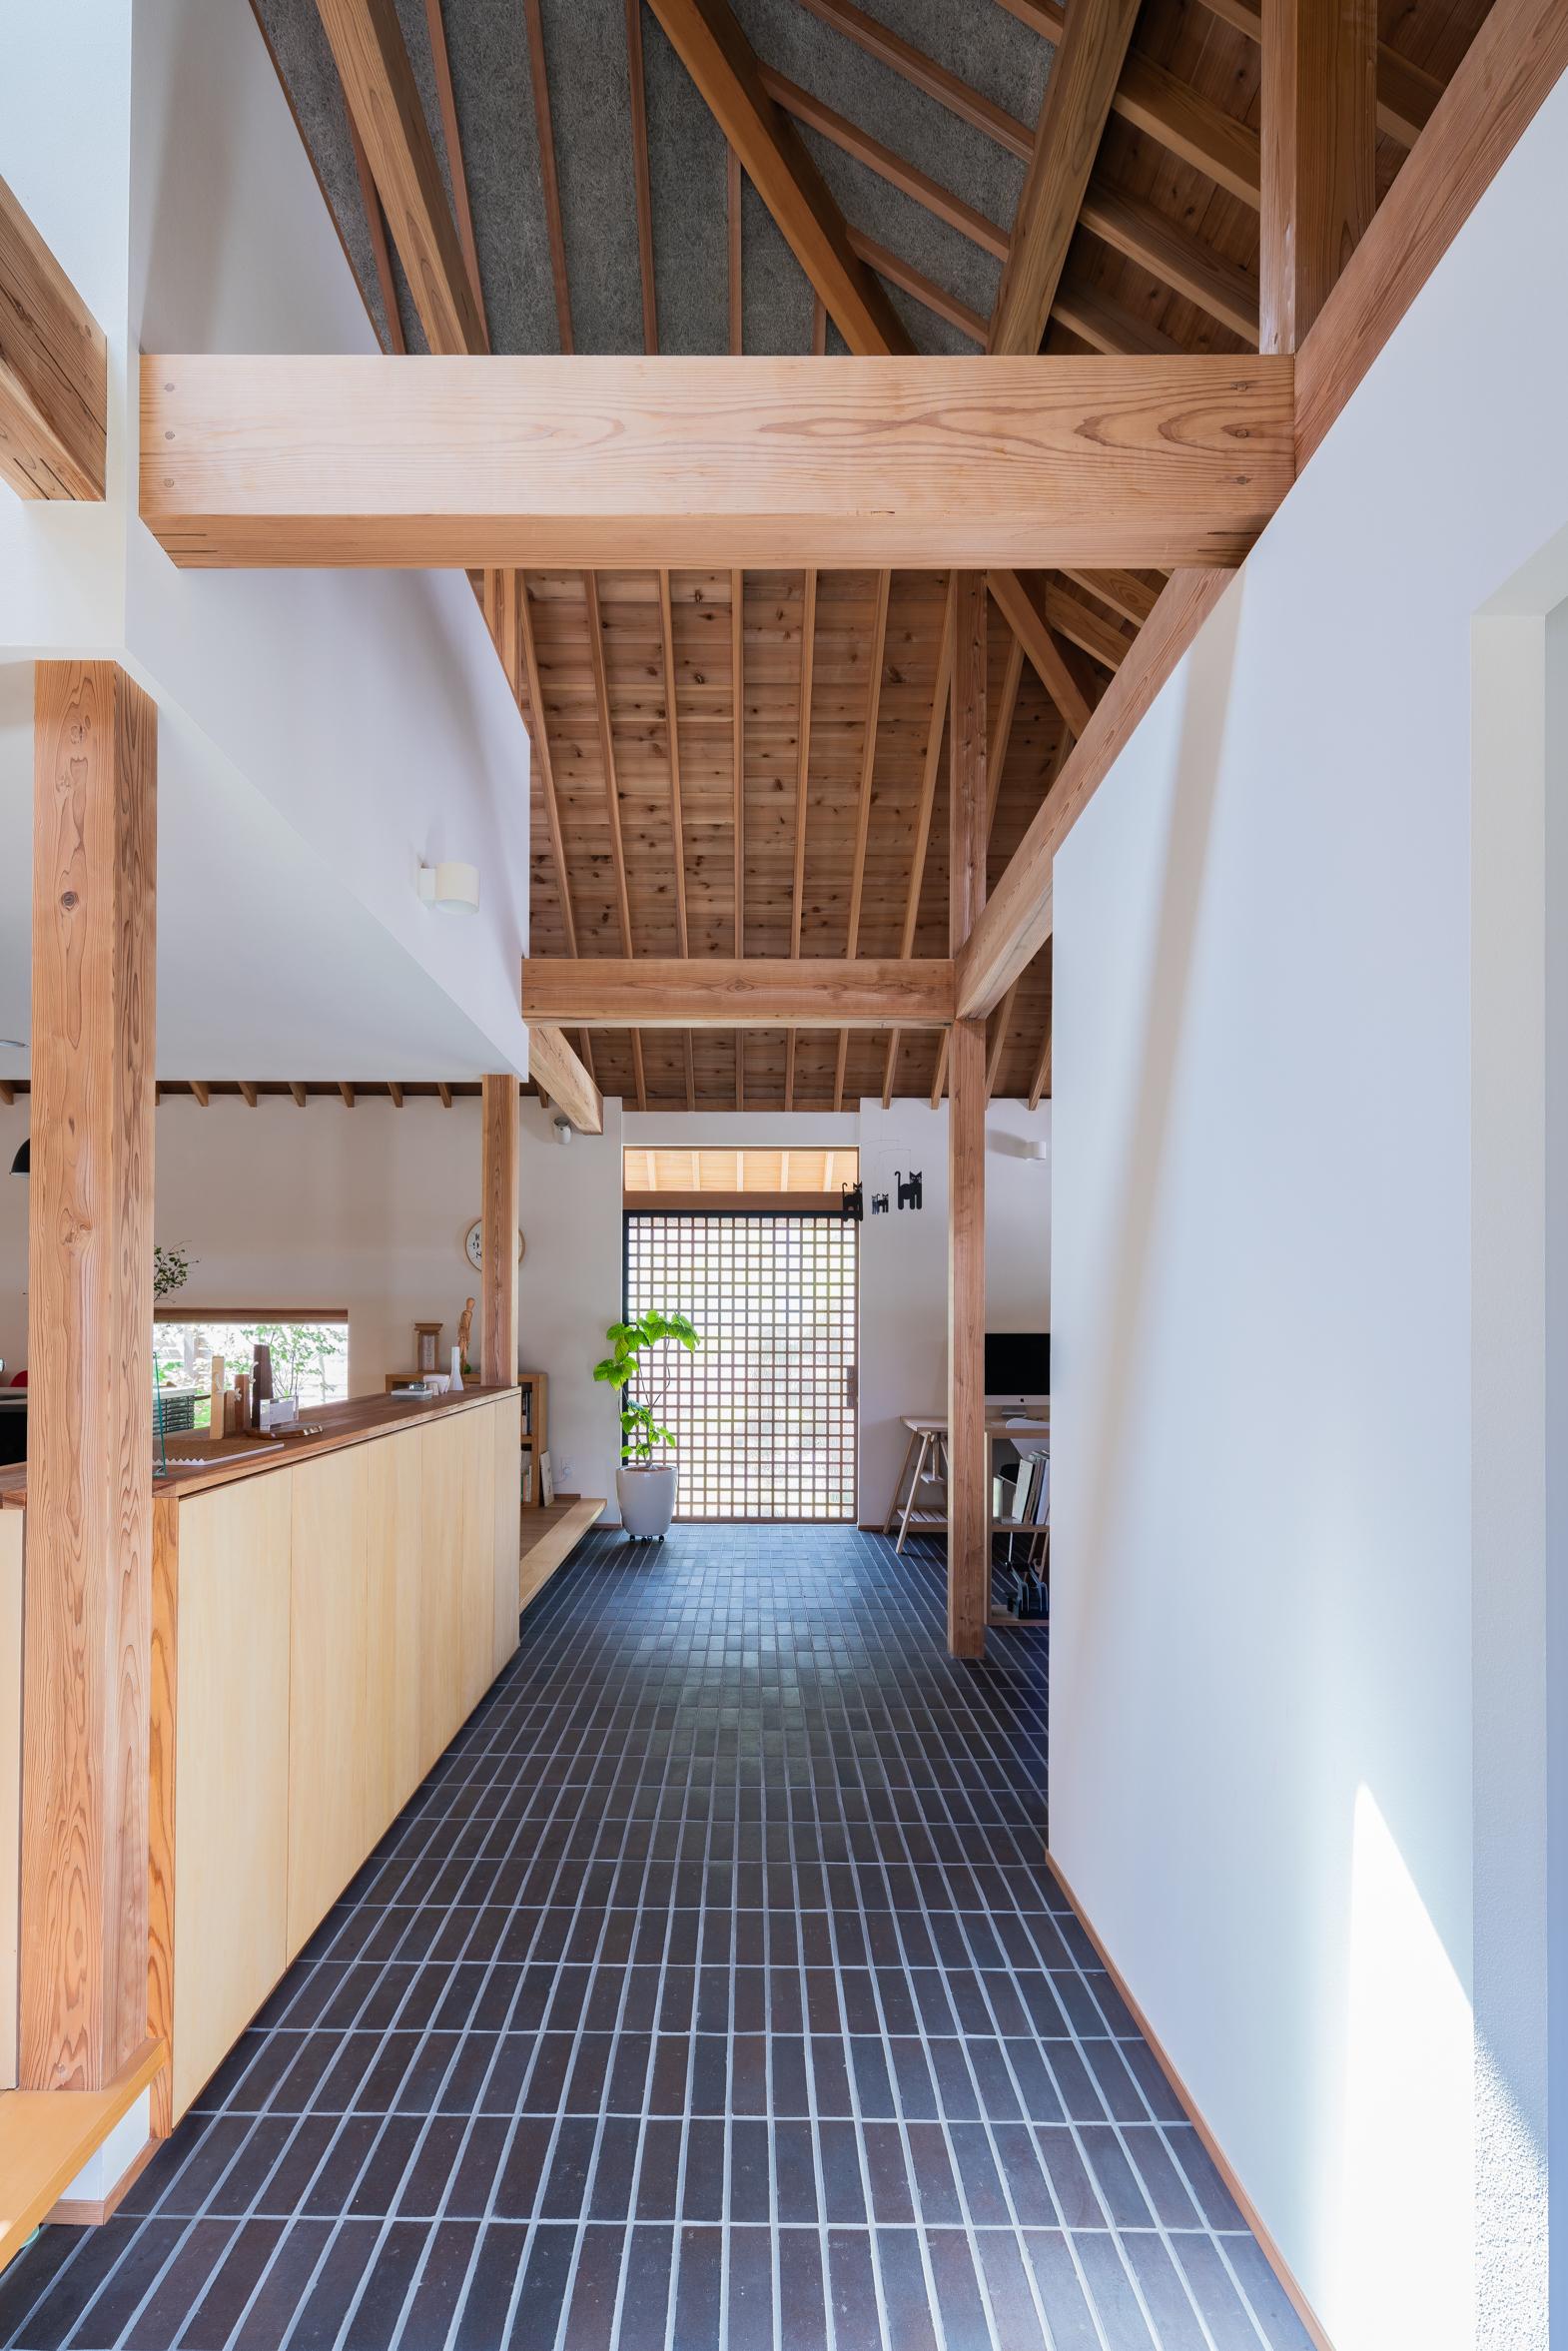 2021.07.18 酒々井の家完成写真-36.jpg